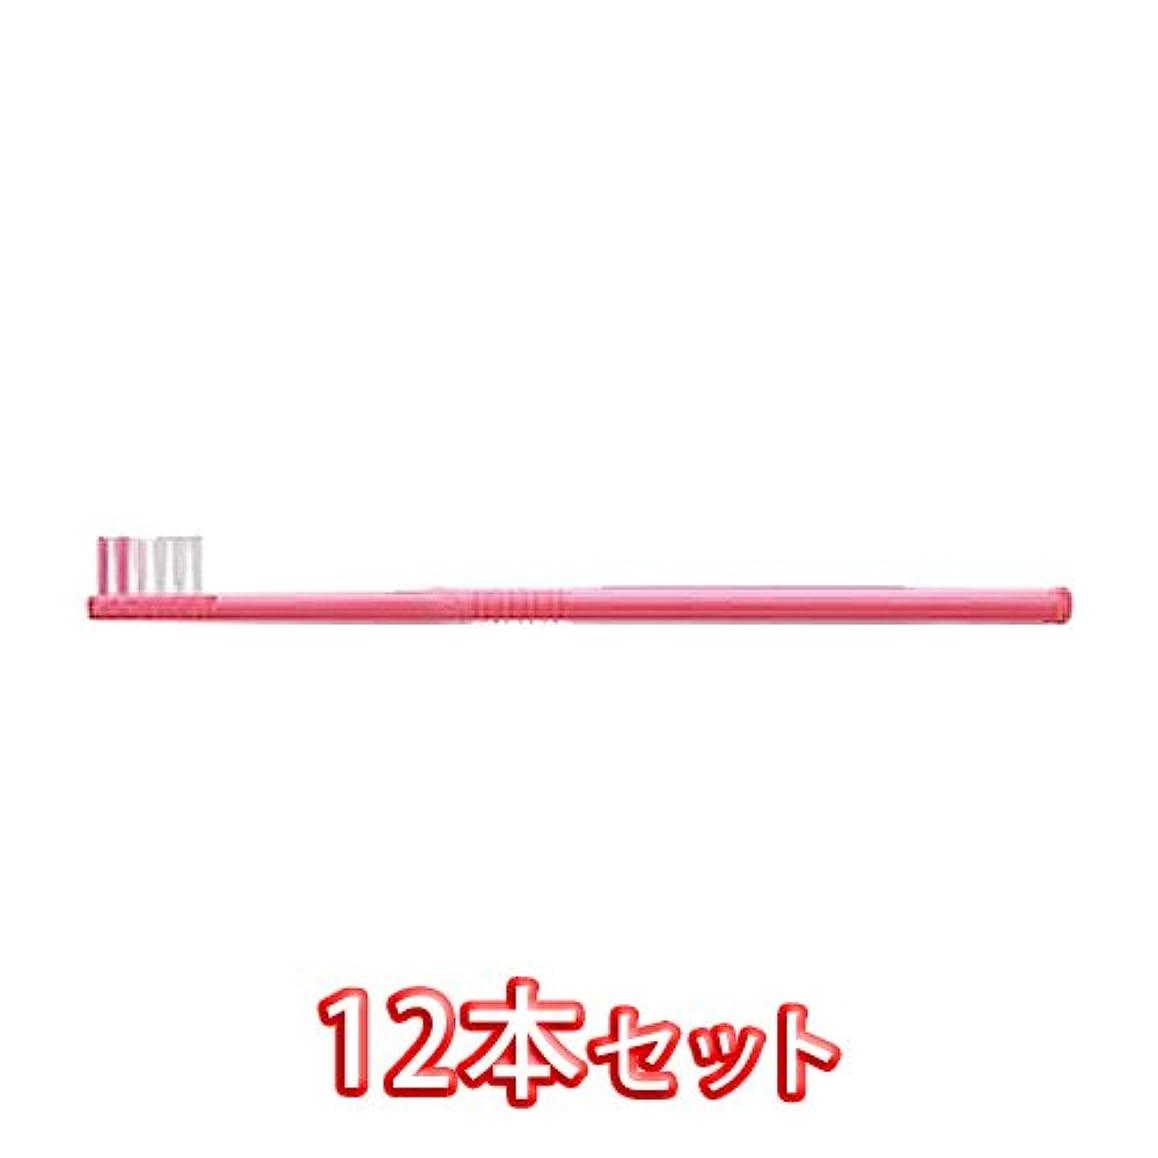 組み込む前に自治ライオン オルソドンティック 歯ブラシ DENT.EX Orthodontic-T 12本入